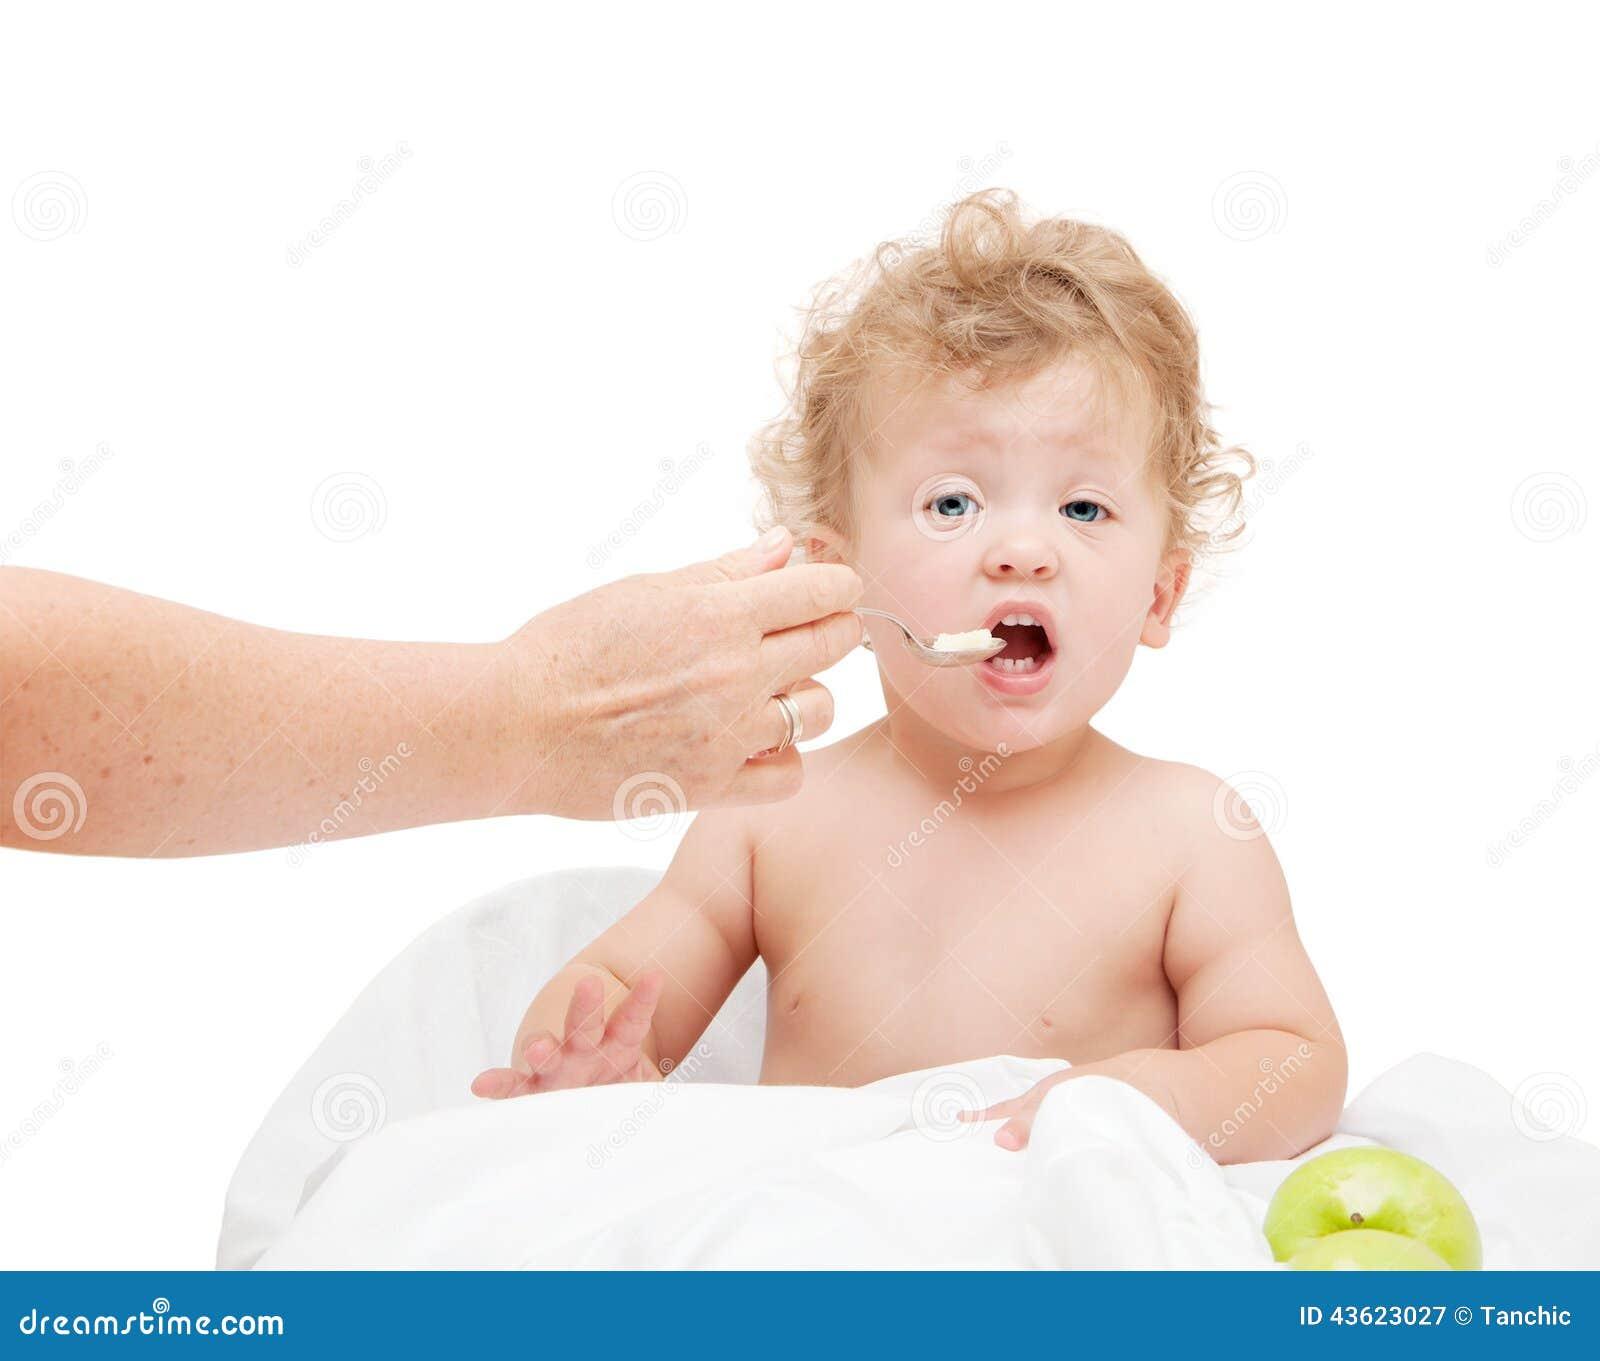 Kleines Kind Mit Dem Gelockten Haar Die Mutter Zieht Mit Löffel Ein